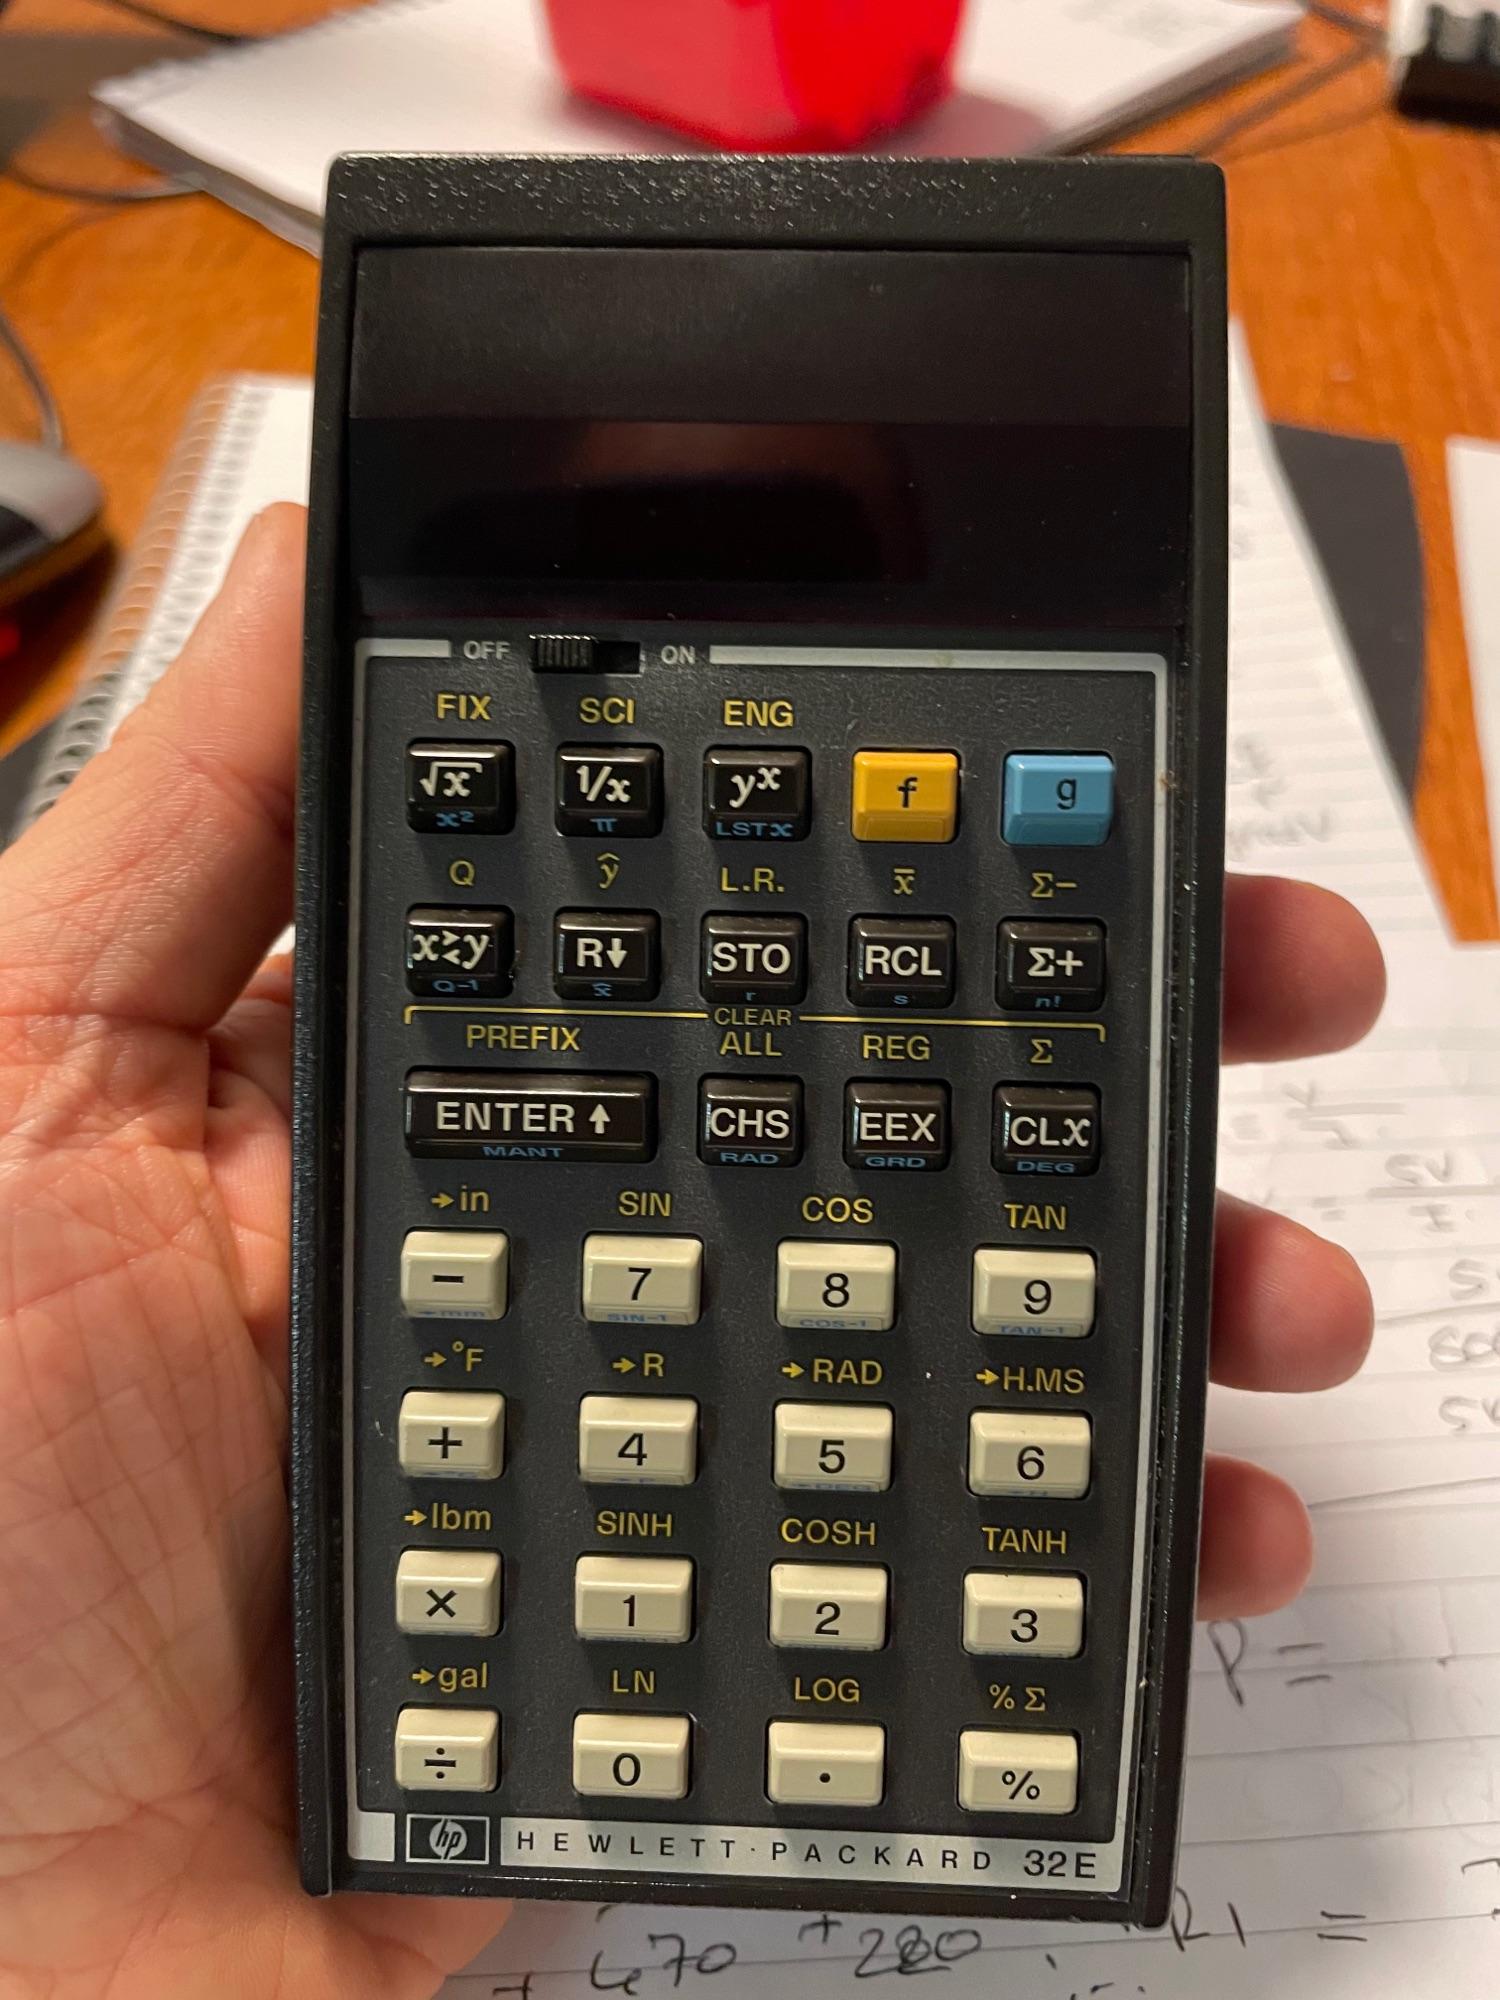 Одна из самых крутых вещей, которые я держал в руках. Научный калькулятор Hewlett Packard 32E. Годы выпуска с 1978 по 1983. Статистка, тригонометрия, даже конвертация некоторых единиц! Цена в деньгах 1978 года $80 (примерно как современный мобильный телефон среднего уровня). Мы с ним ровесники — даже трудно поверить!